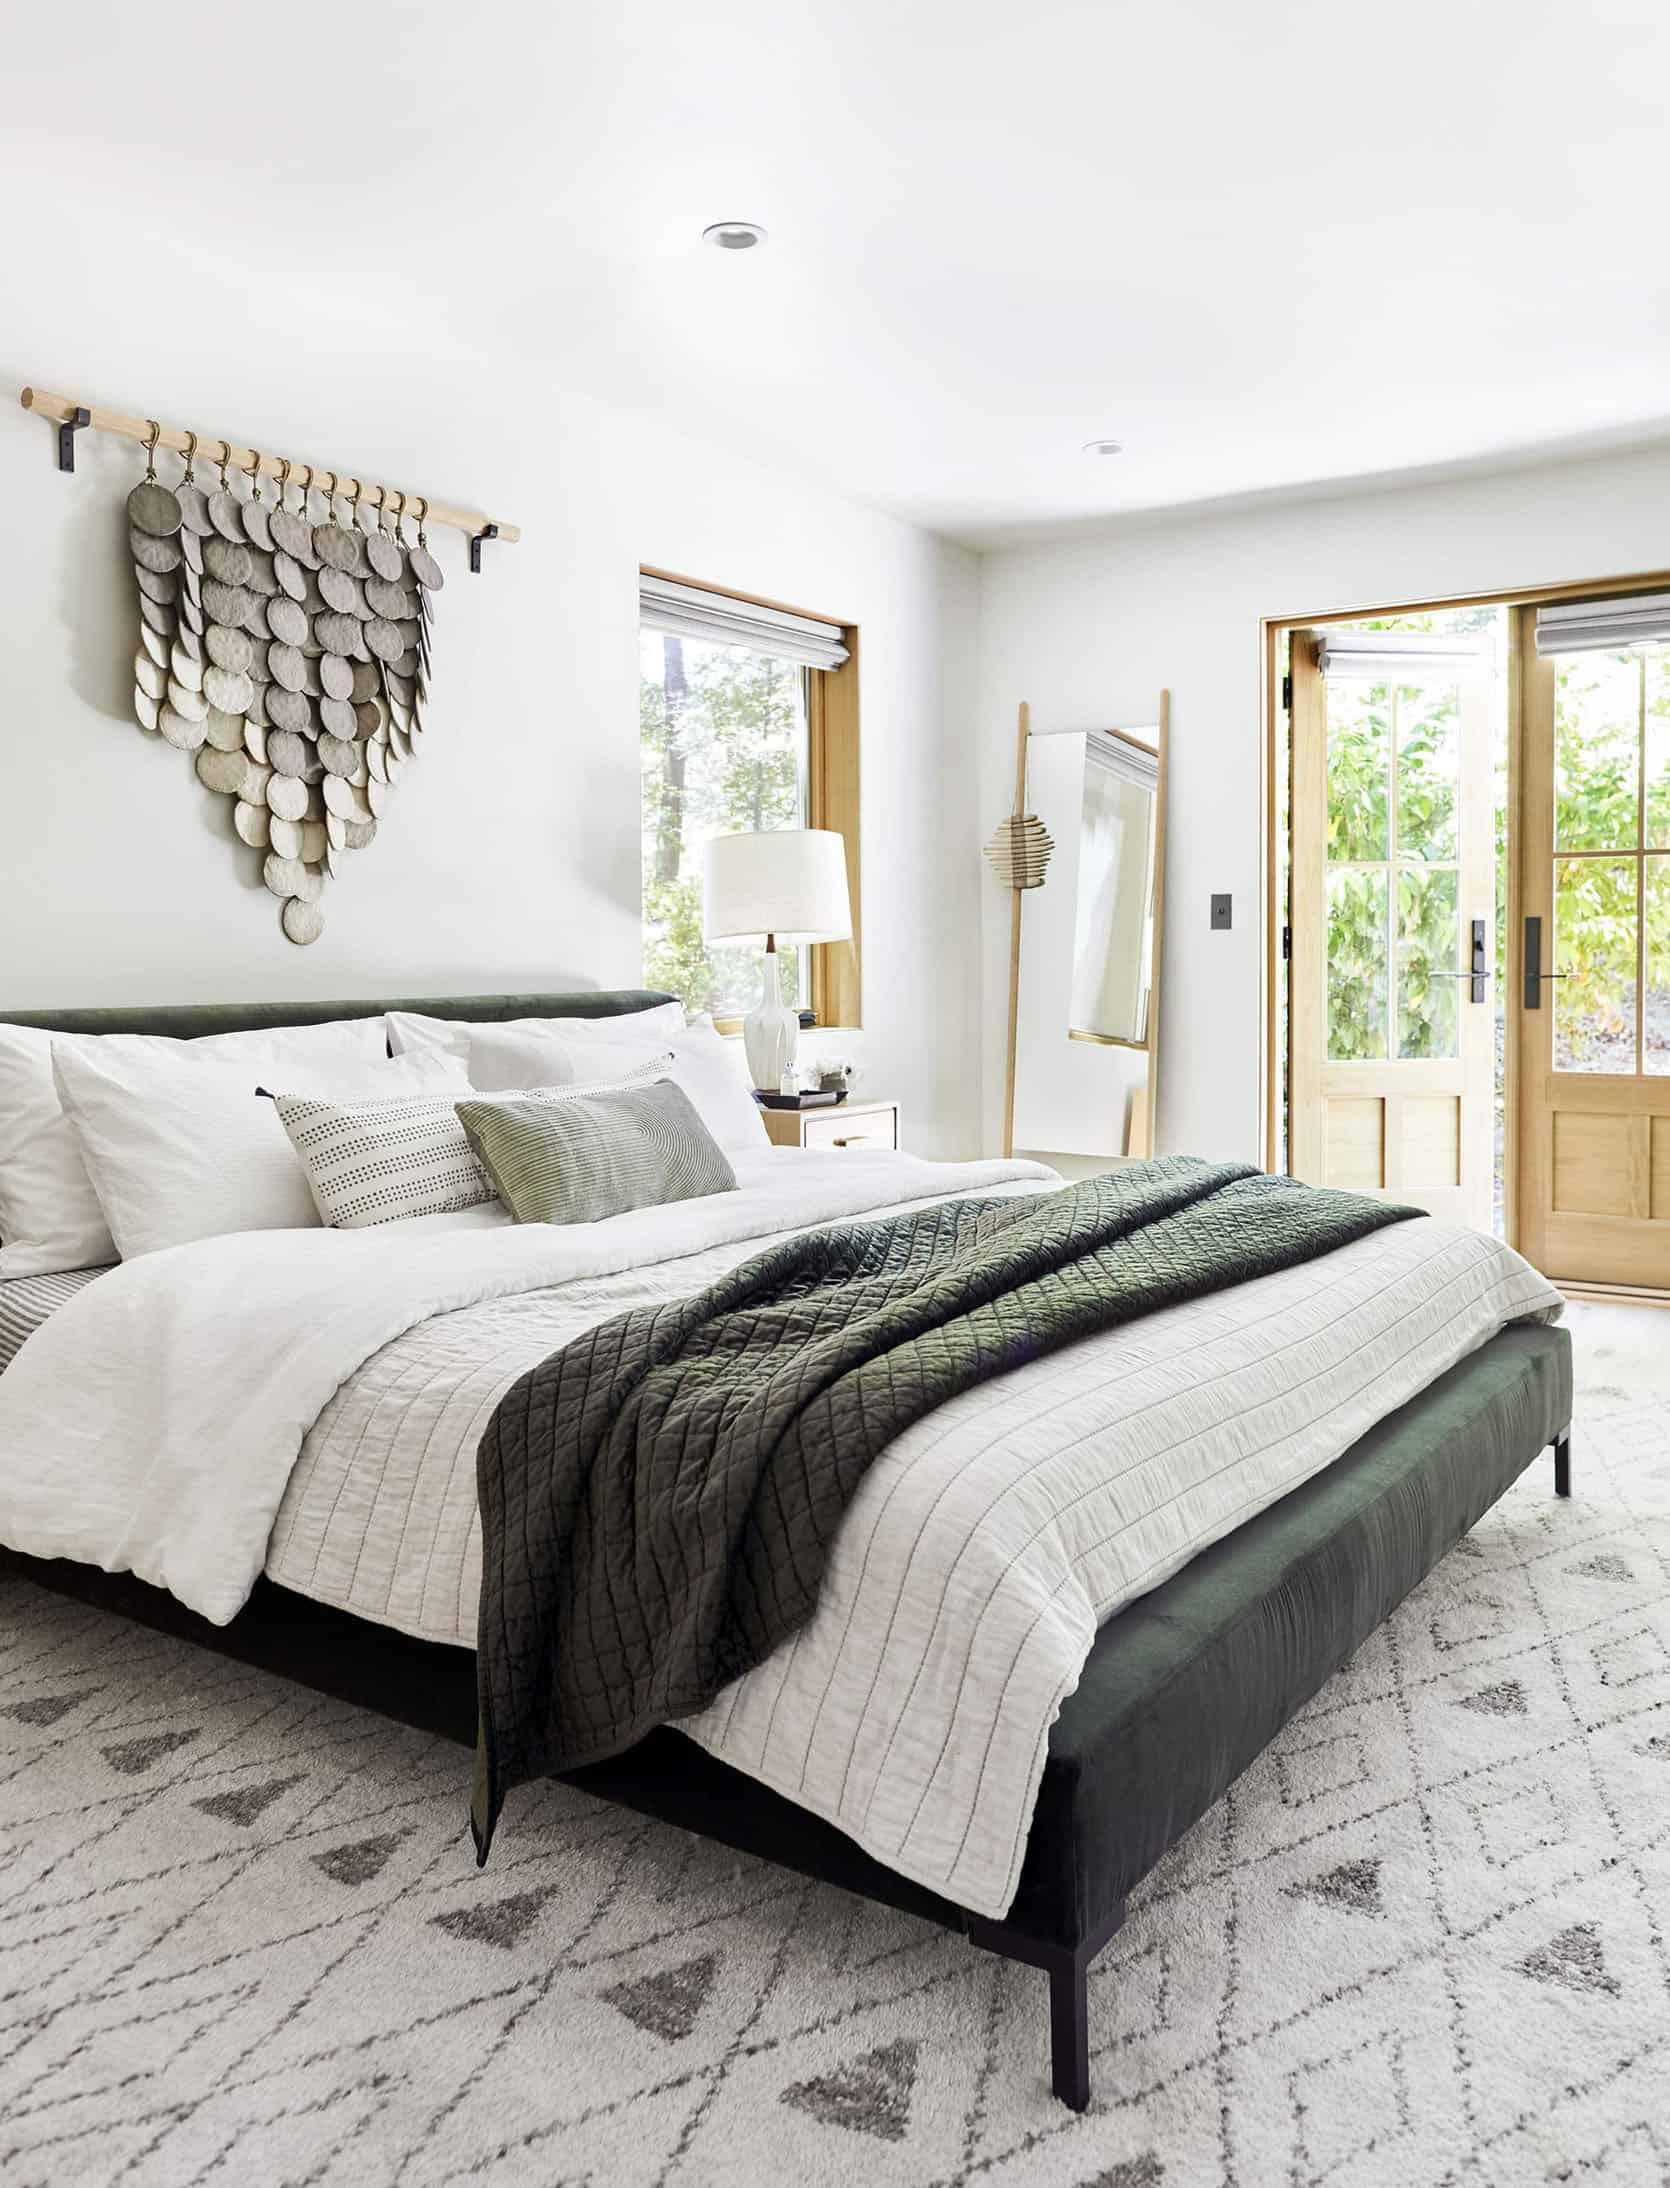 Phòng ngủ với tông màu đơn giản sắc trắng xám đan xen hài hòa cùng với màu gỗ tự nhiên tươi sáng